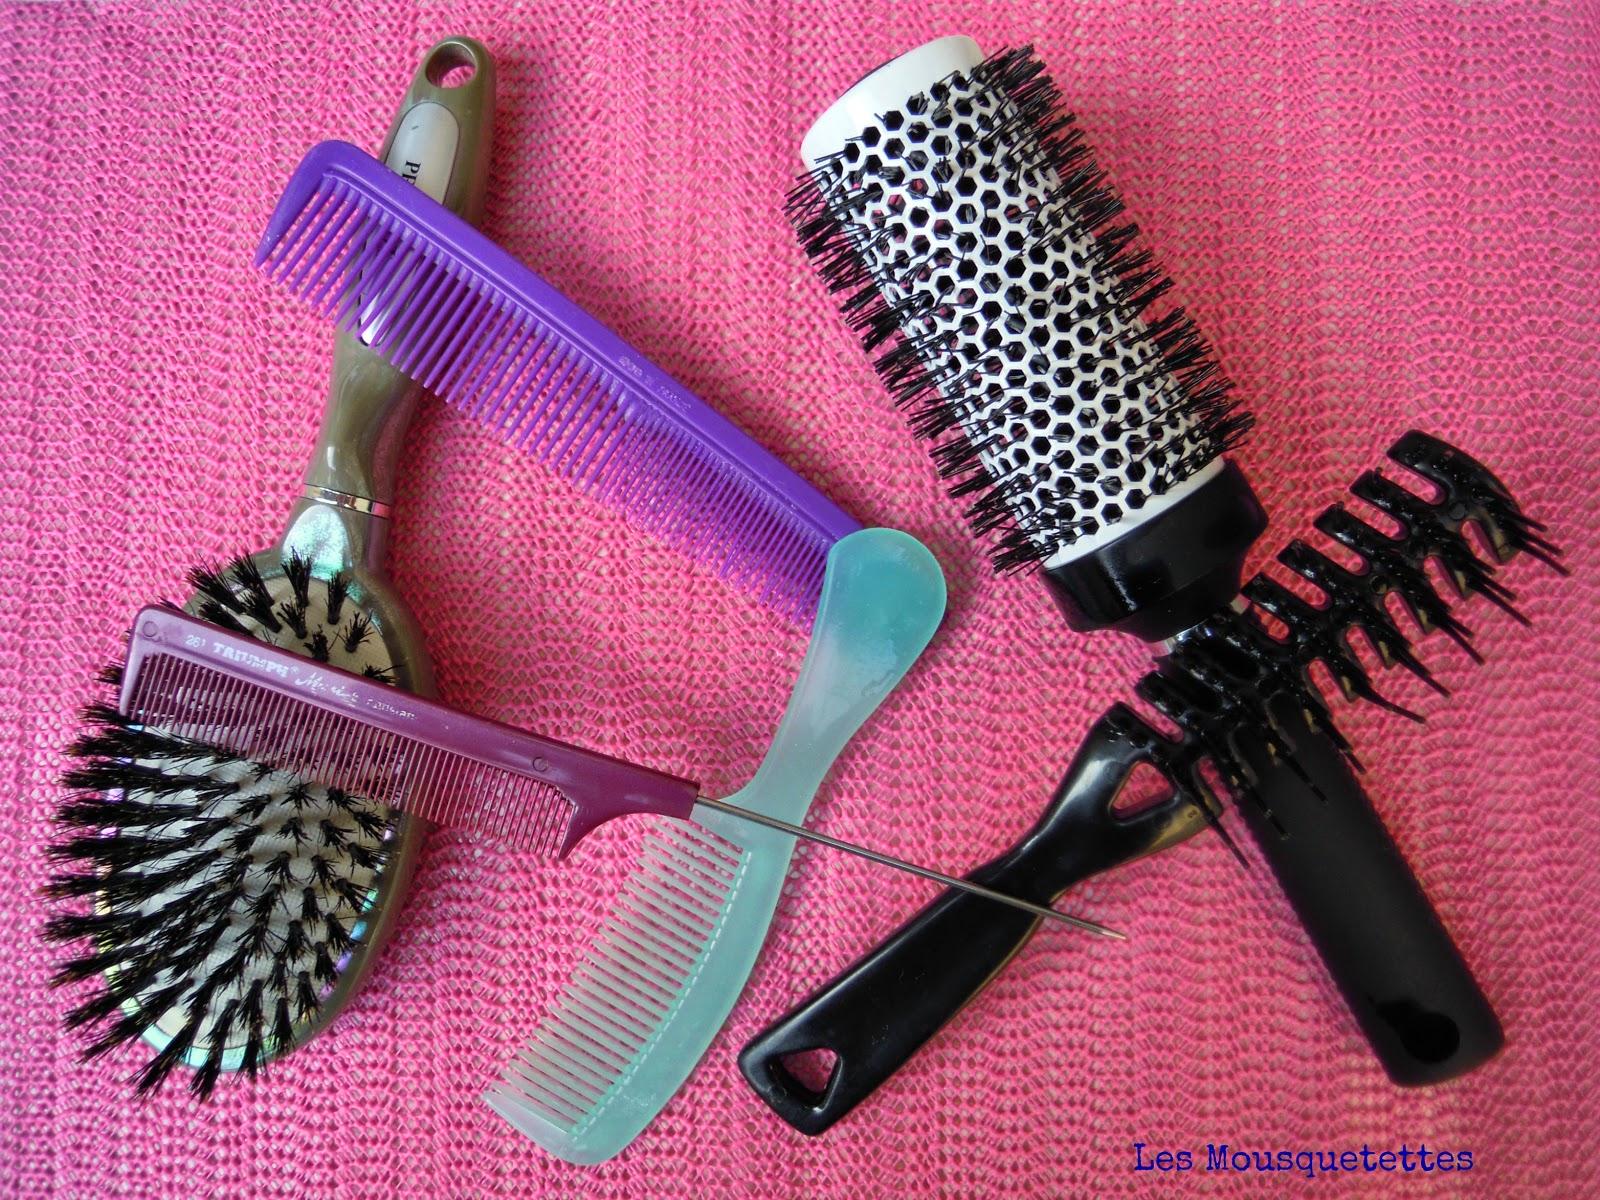 Entretien des brosses et peignes finis - Les Mousquetettes©